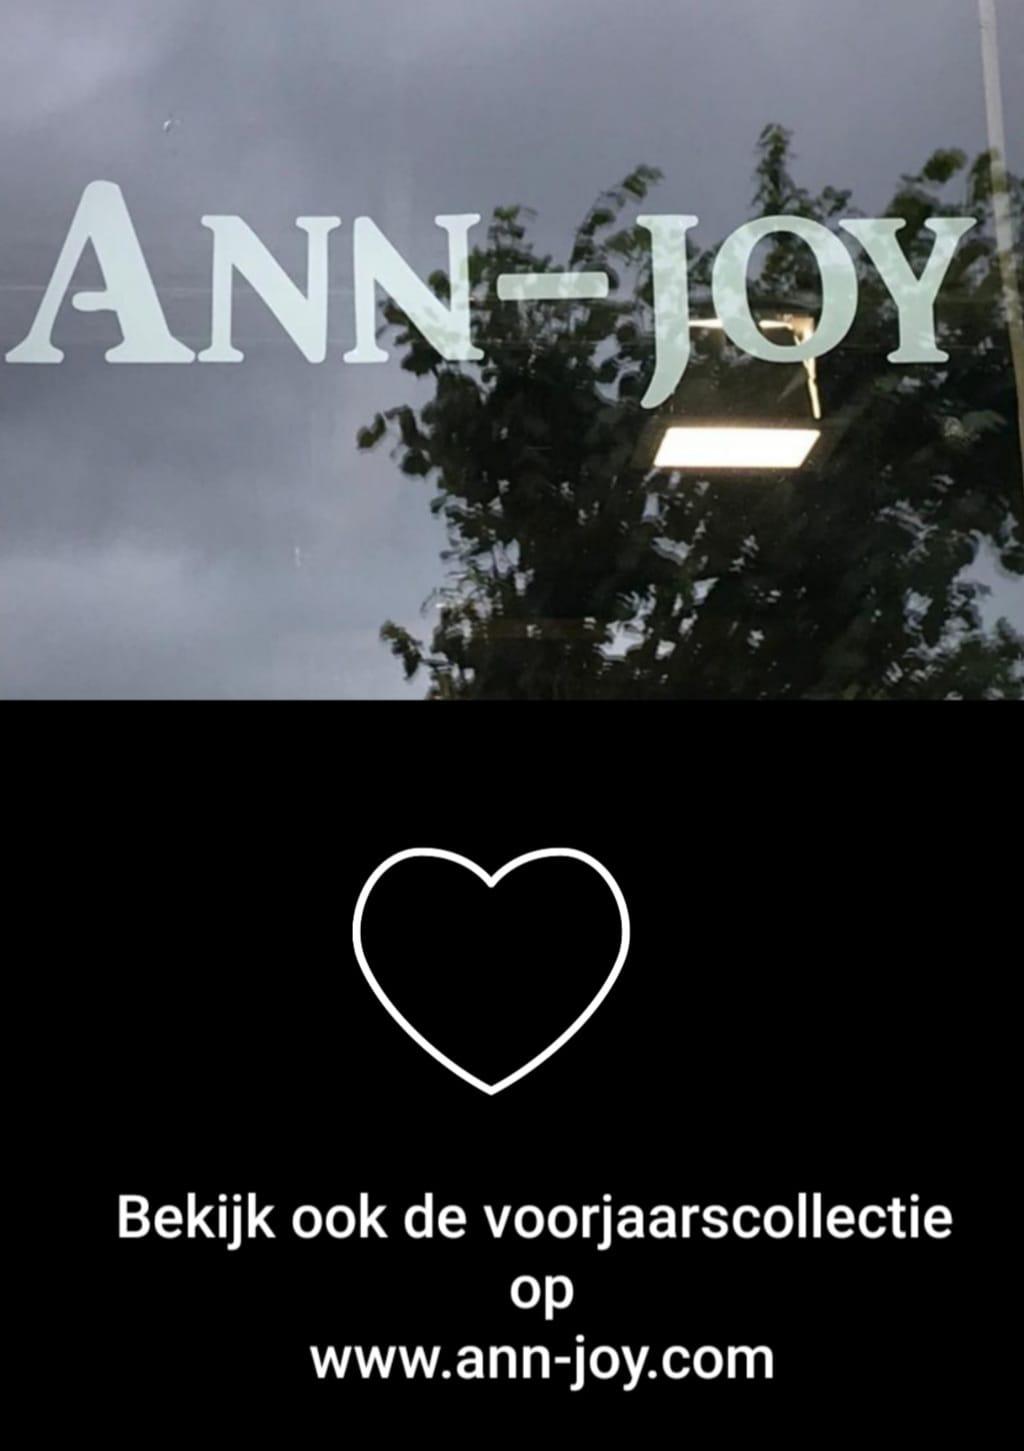 Ann-joy logo